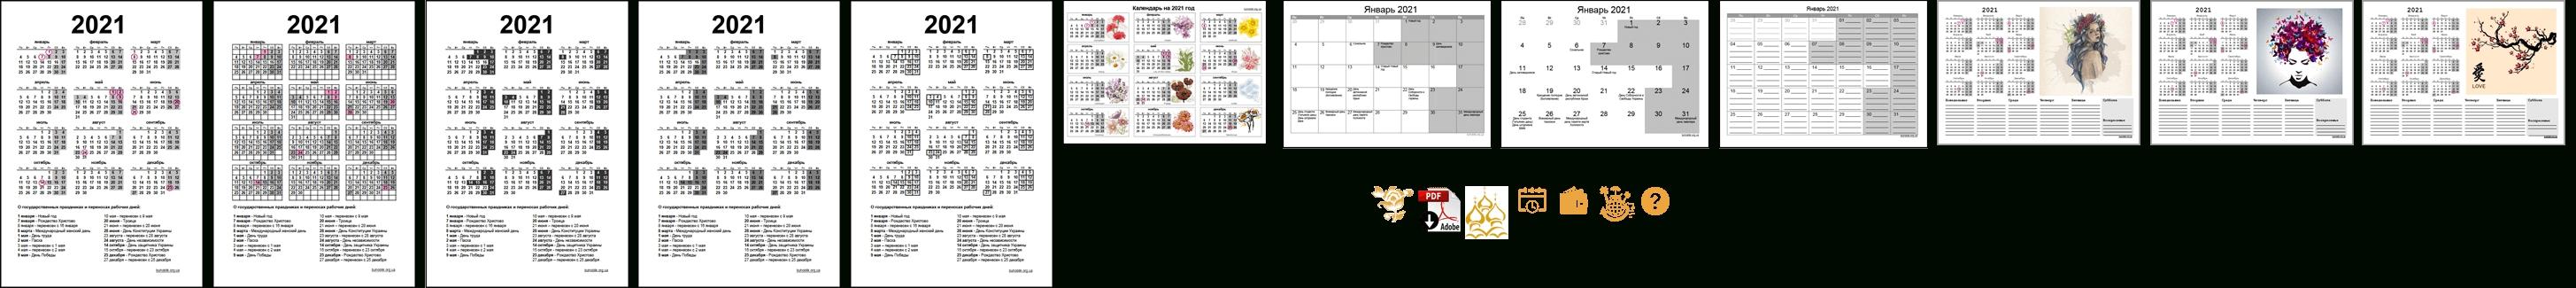 Календарь 2021 Года (Украина) С Праздничными Днями И Выходными Сетка Декабря 2021